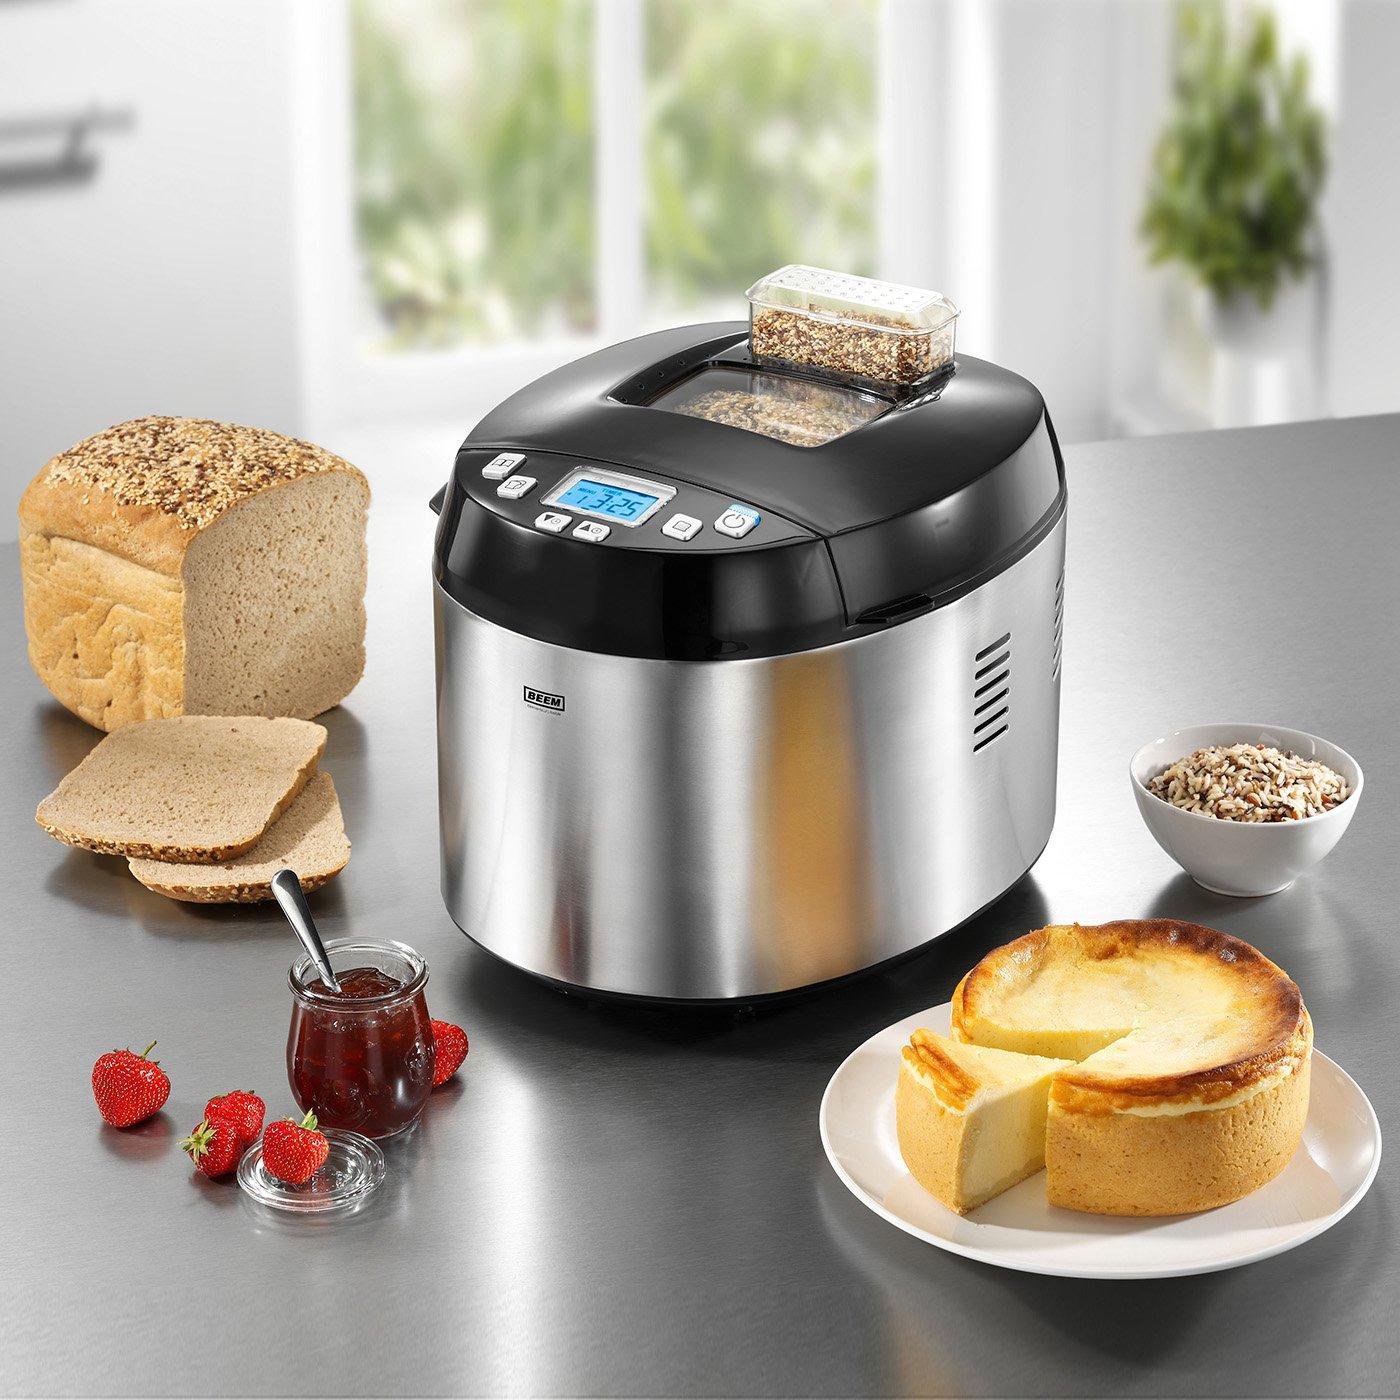 BEEM Germany Multi-Back Topclass 5 in 1 - Máquina de hacer pan, arrocera, reductora por cocción y panificadora: Amazon.es: Hogar